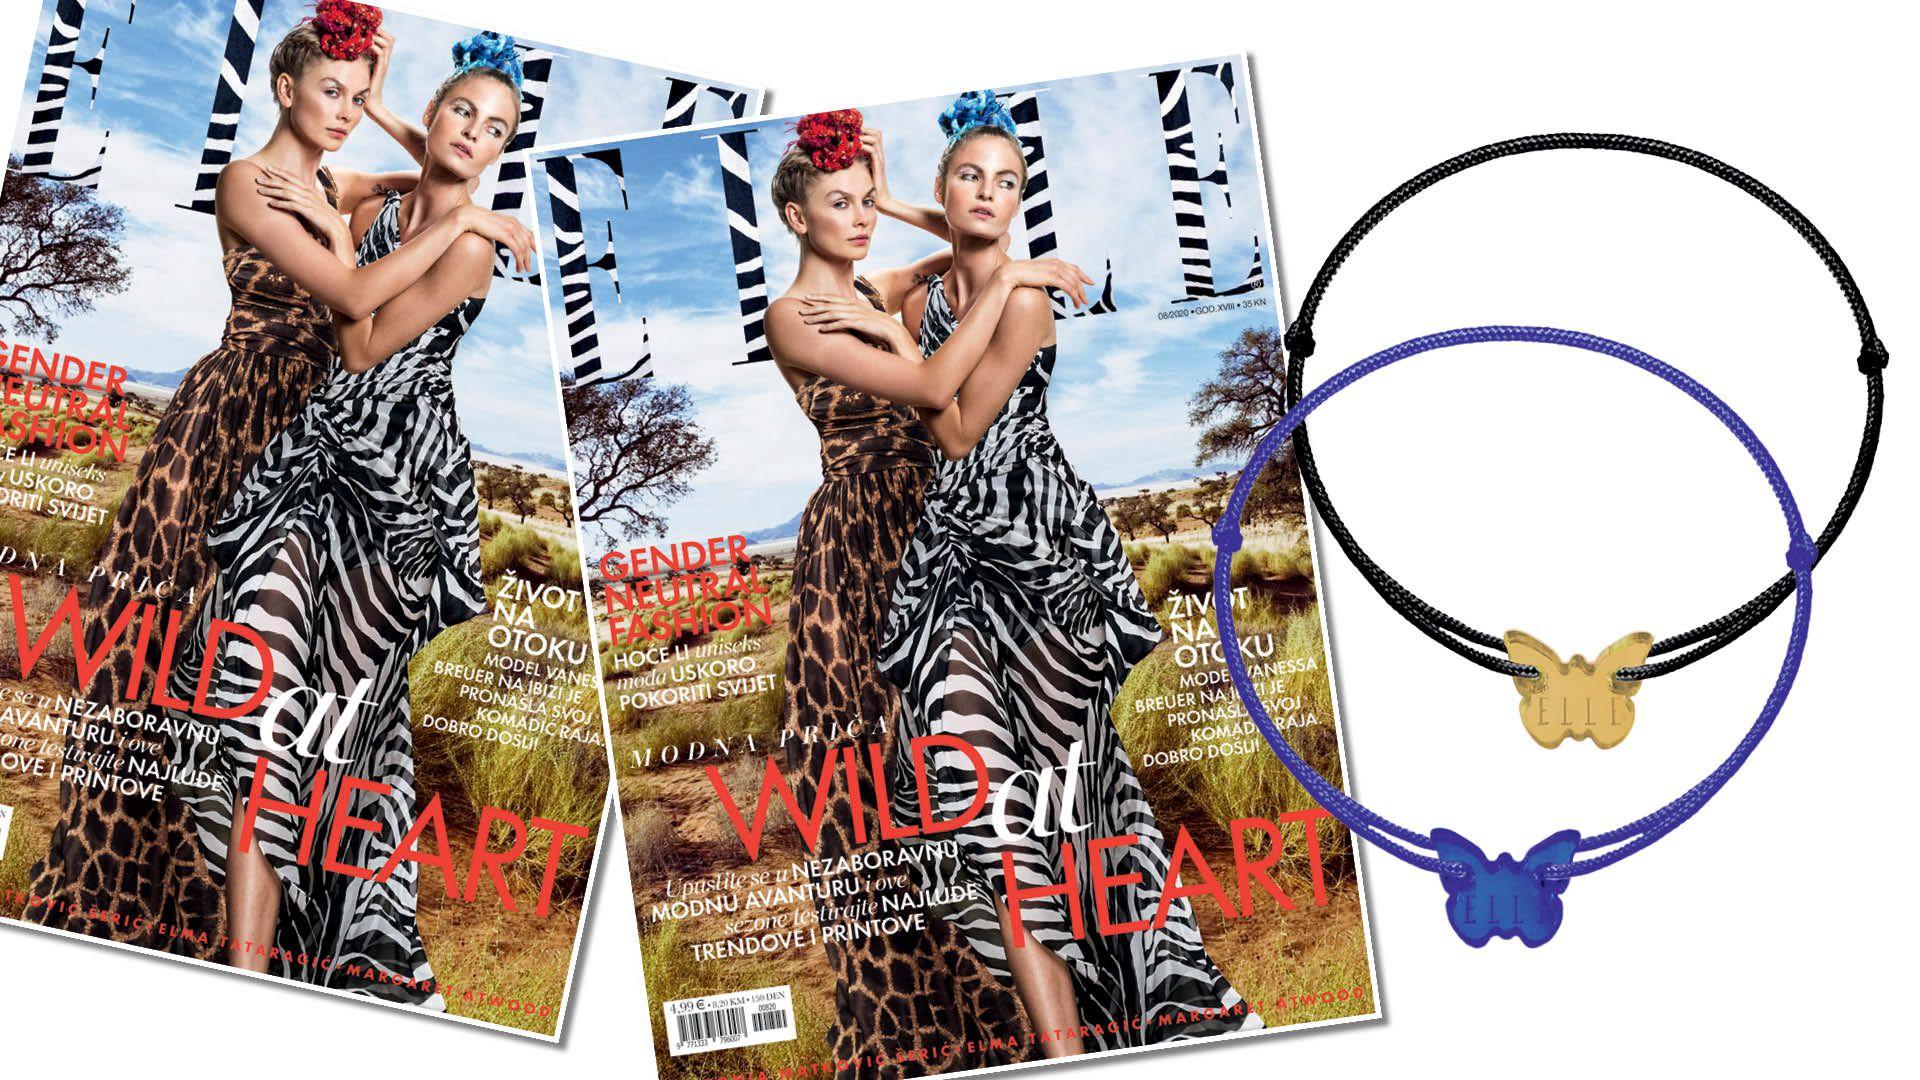 Narukvice Borboleta hit su i ovog ljeta – potražite ih u paketu s magazinom  Elle!